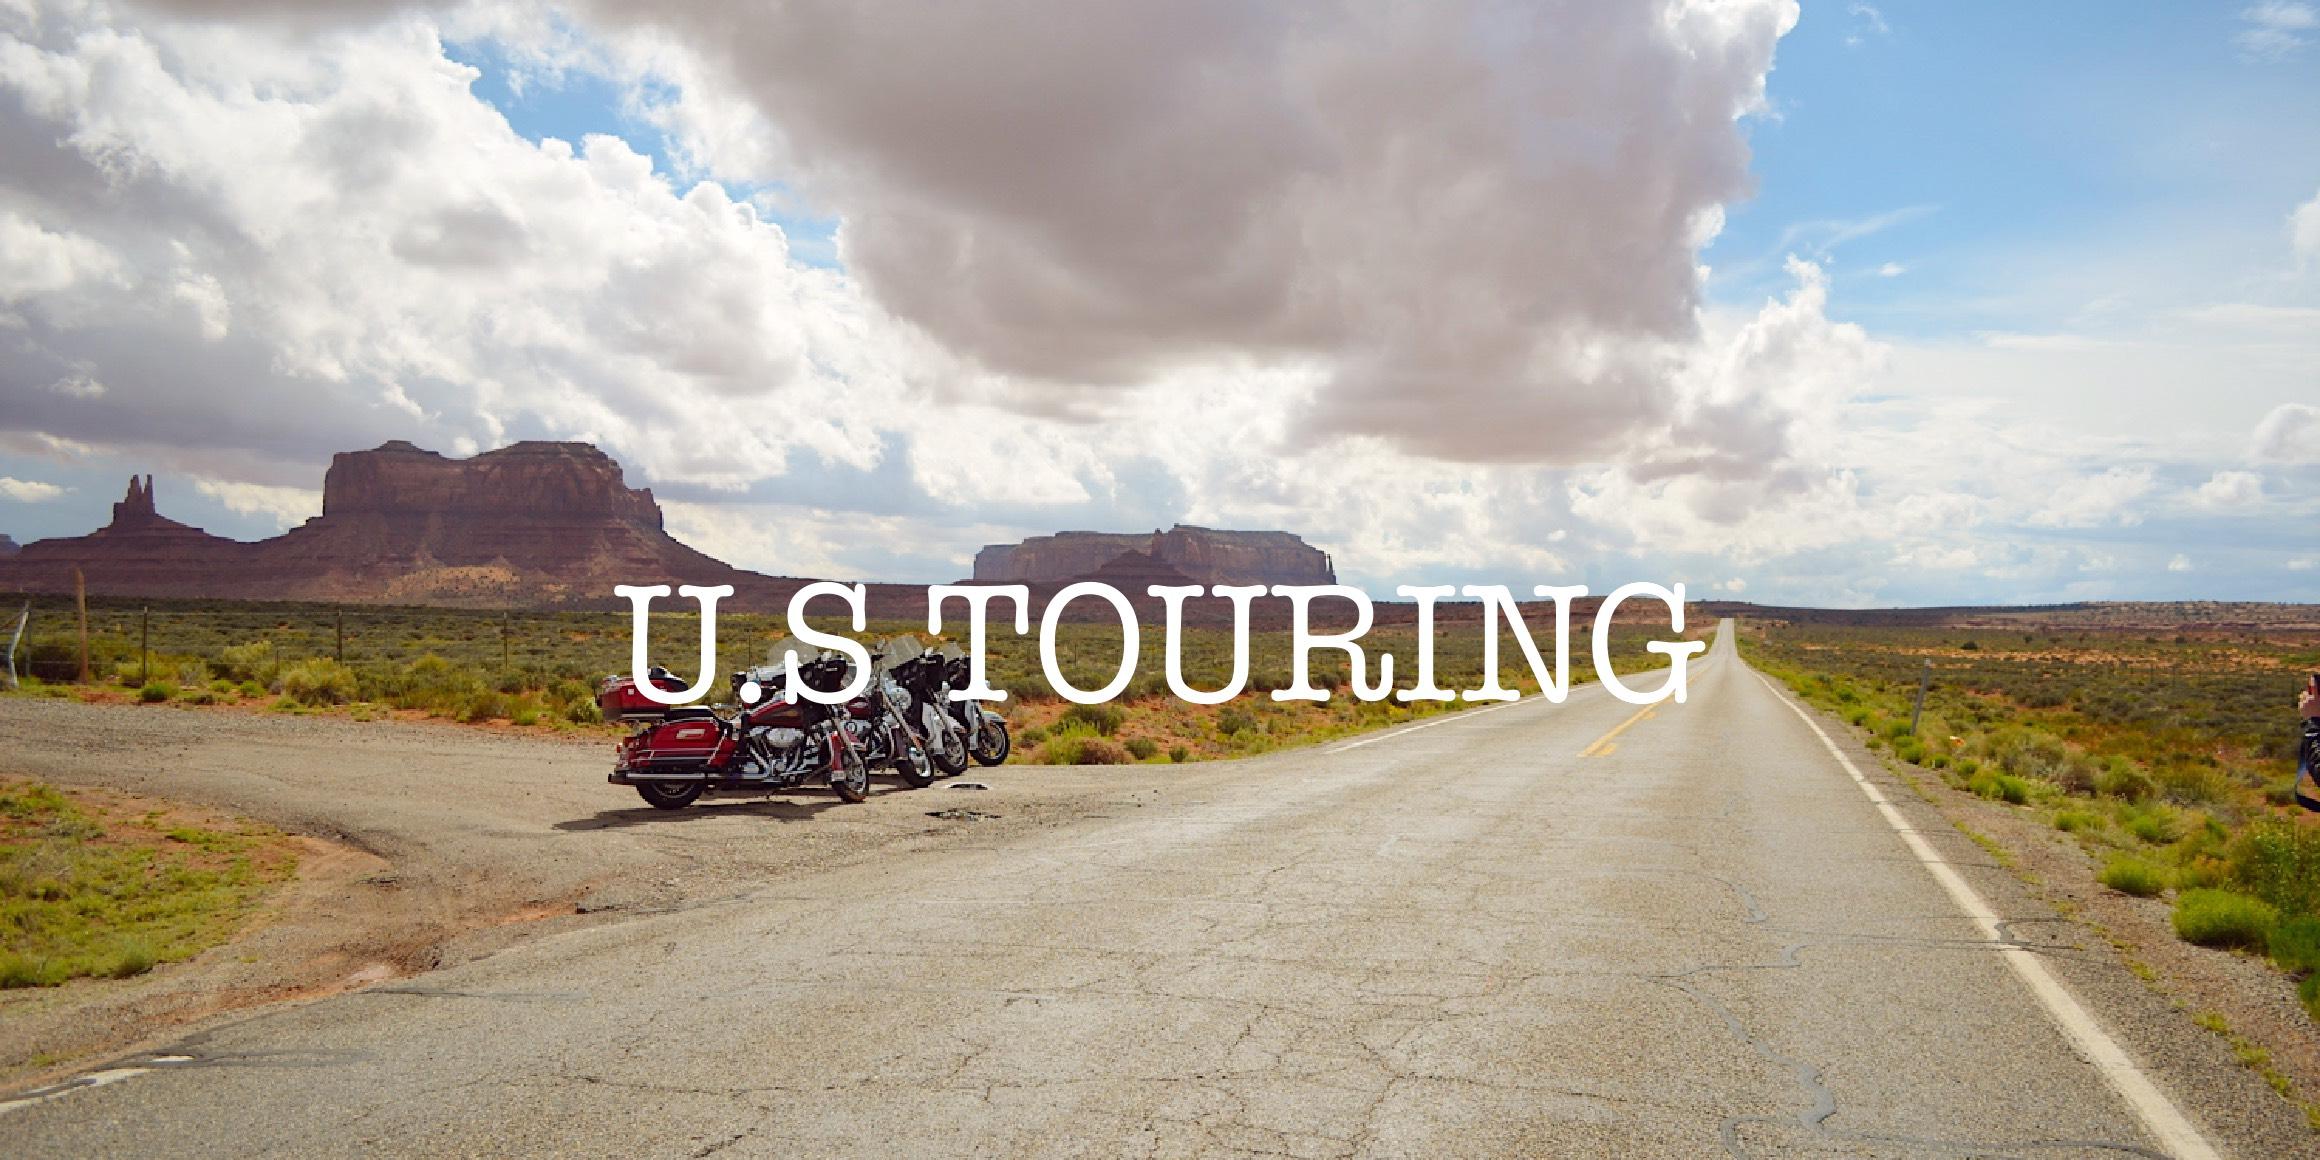 サラリーマンもアメリカツーリングに行ける!行き方・費用・おすすめツアーまとめ